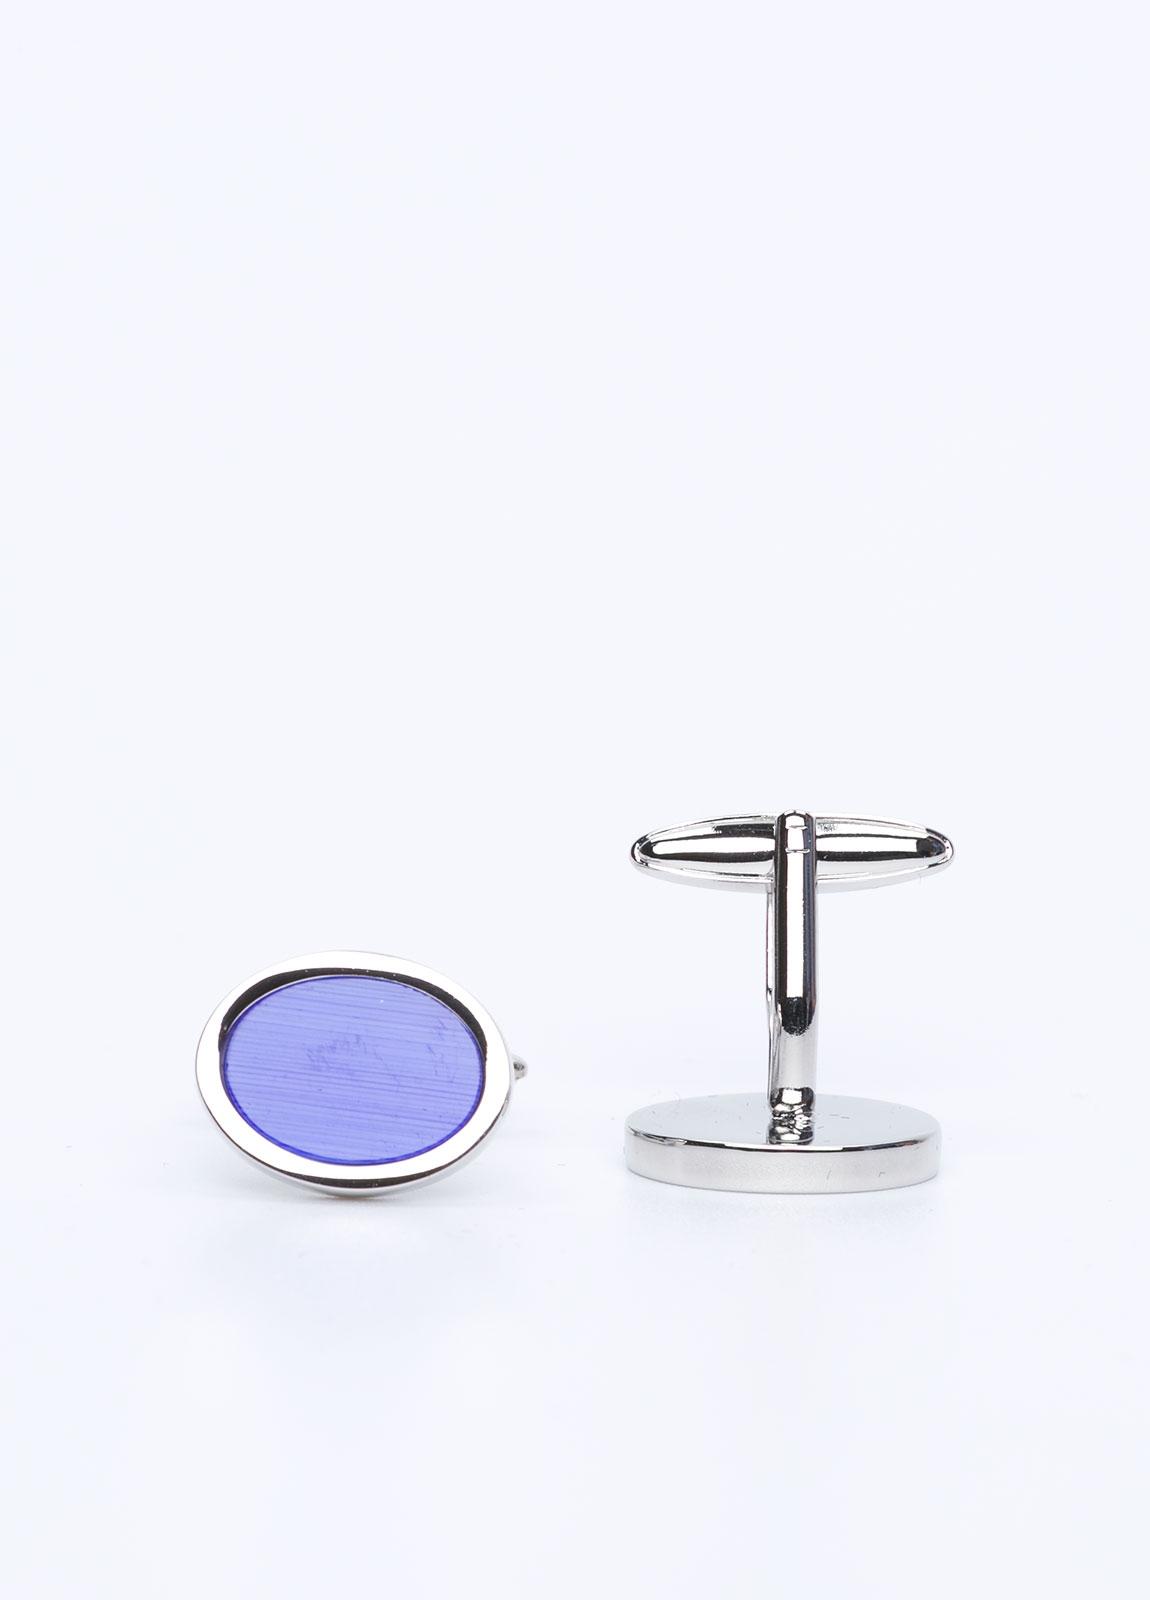 Gemelos FUREST COLECCIÓN azul royal - Ítem1